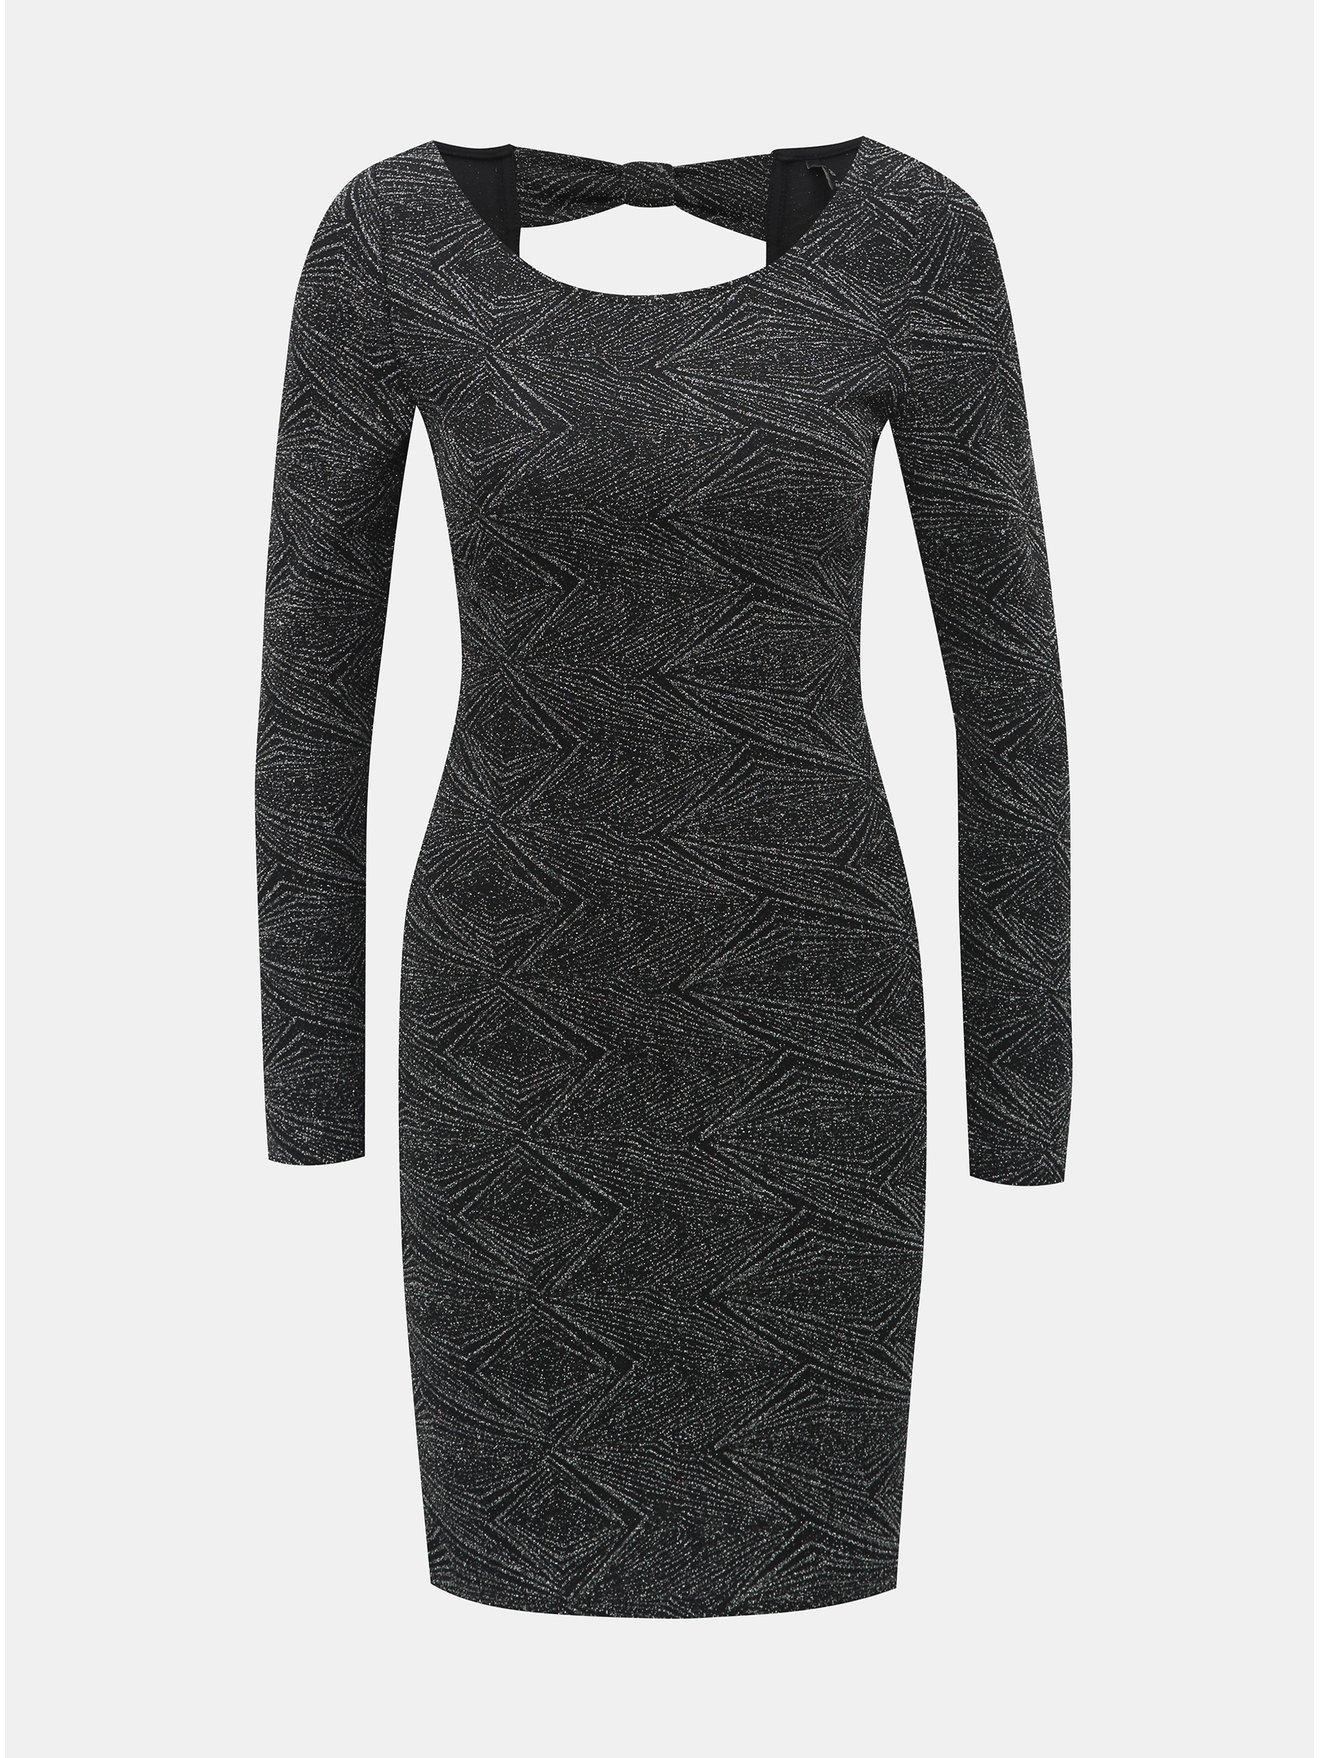 e4649a509b1 Vzorované pouzdrové šaty v černé a stříbrné barvě s průstřihem na zádech  ONLY Shine